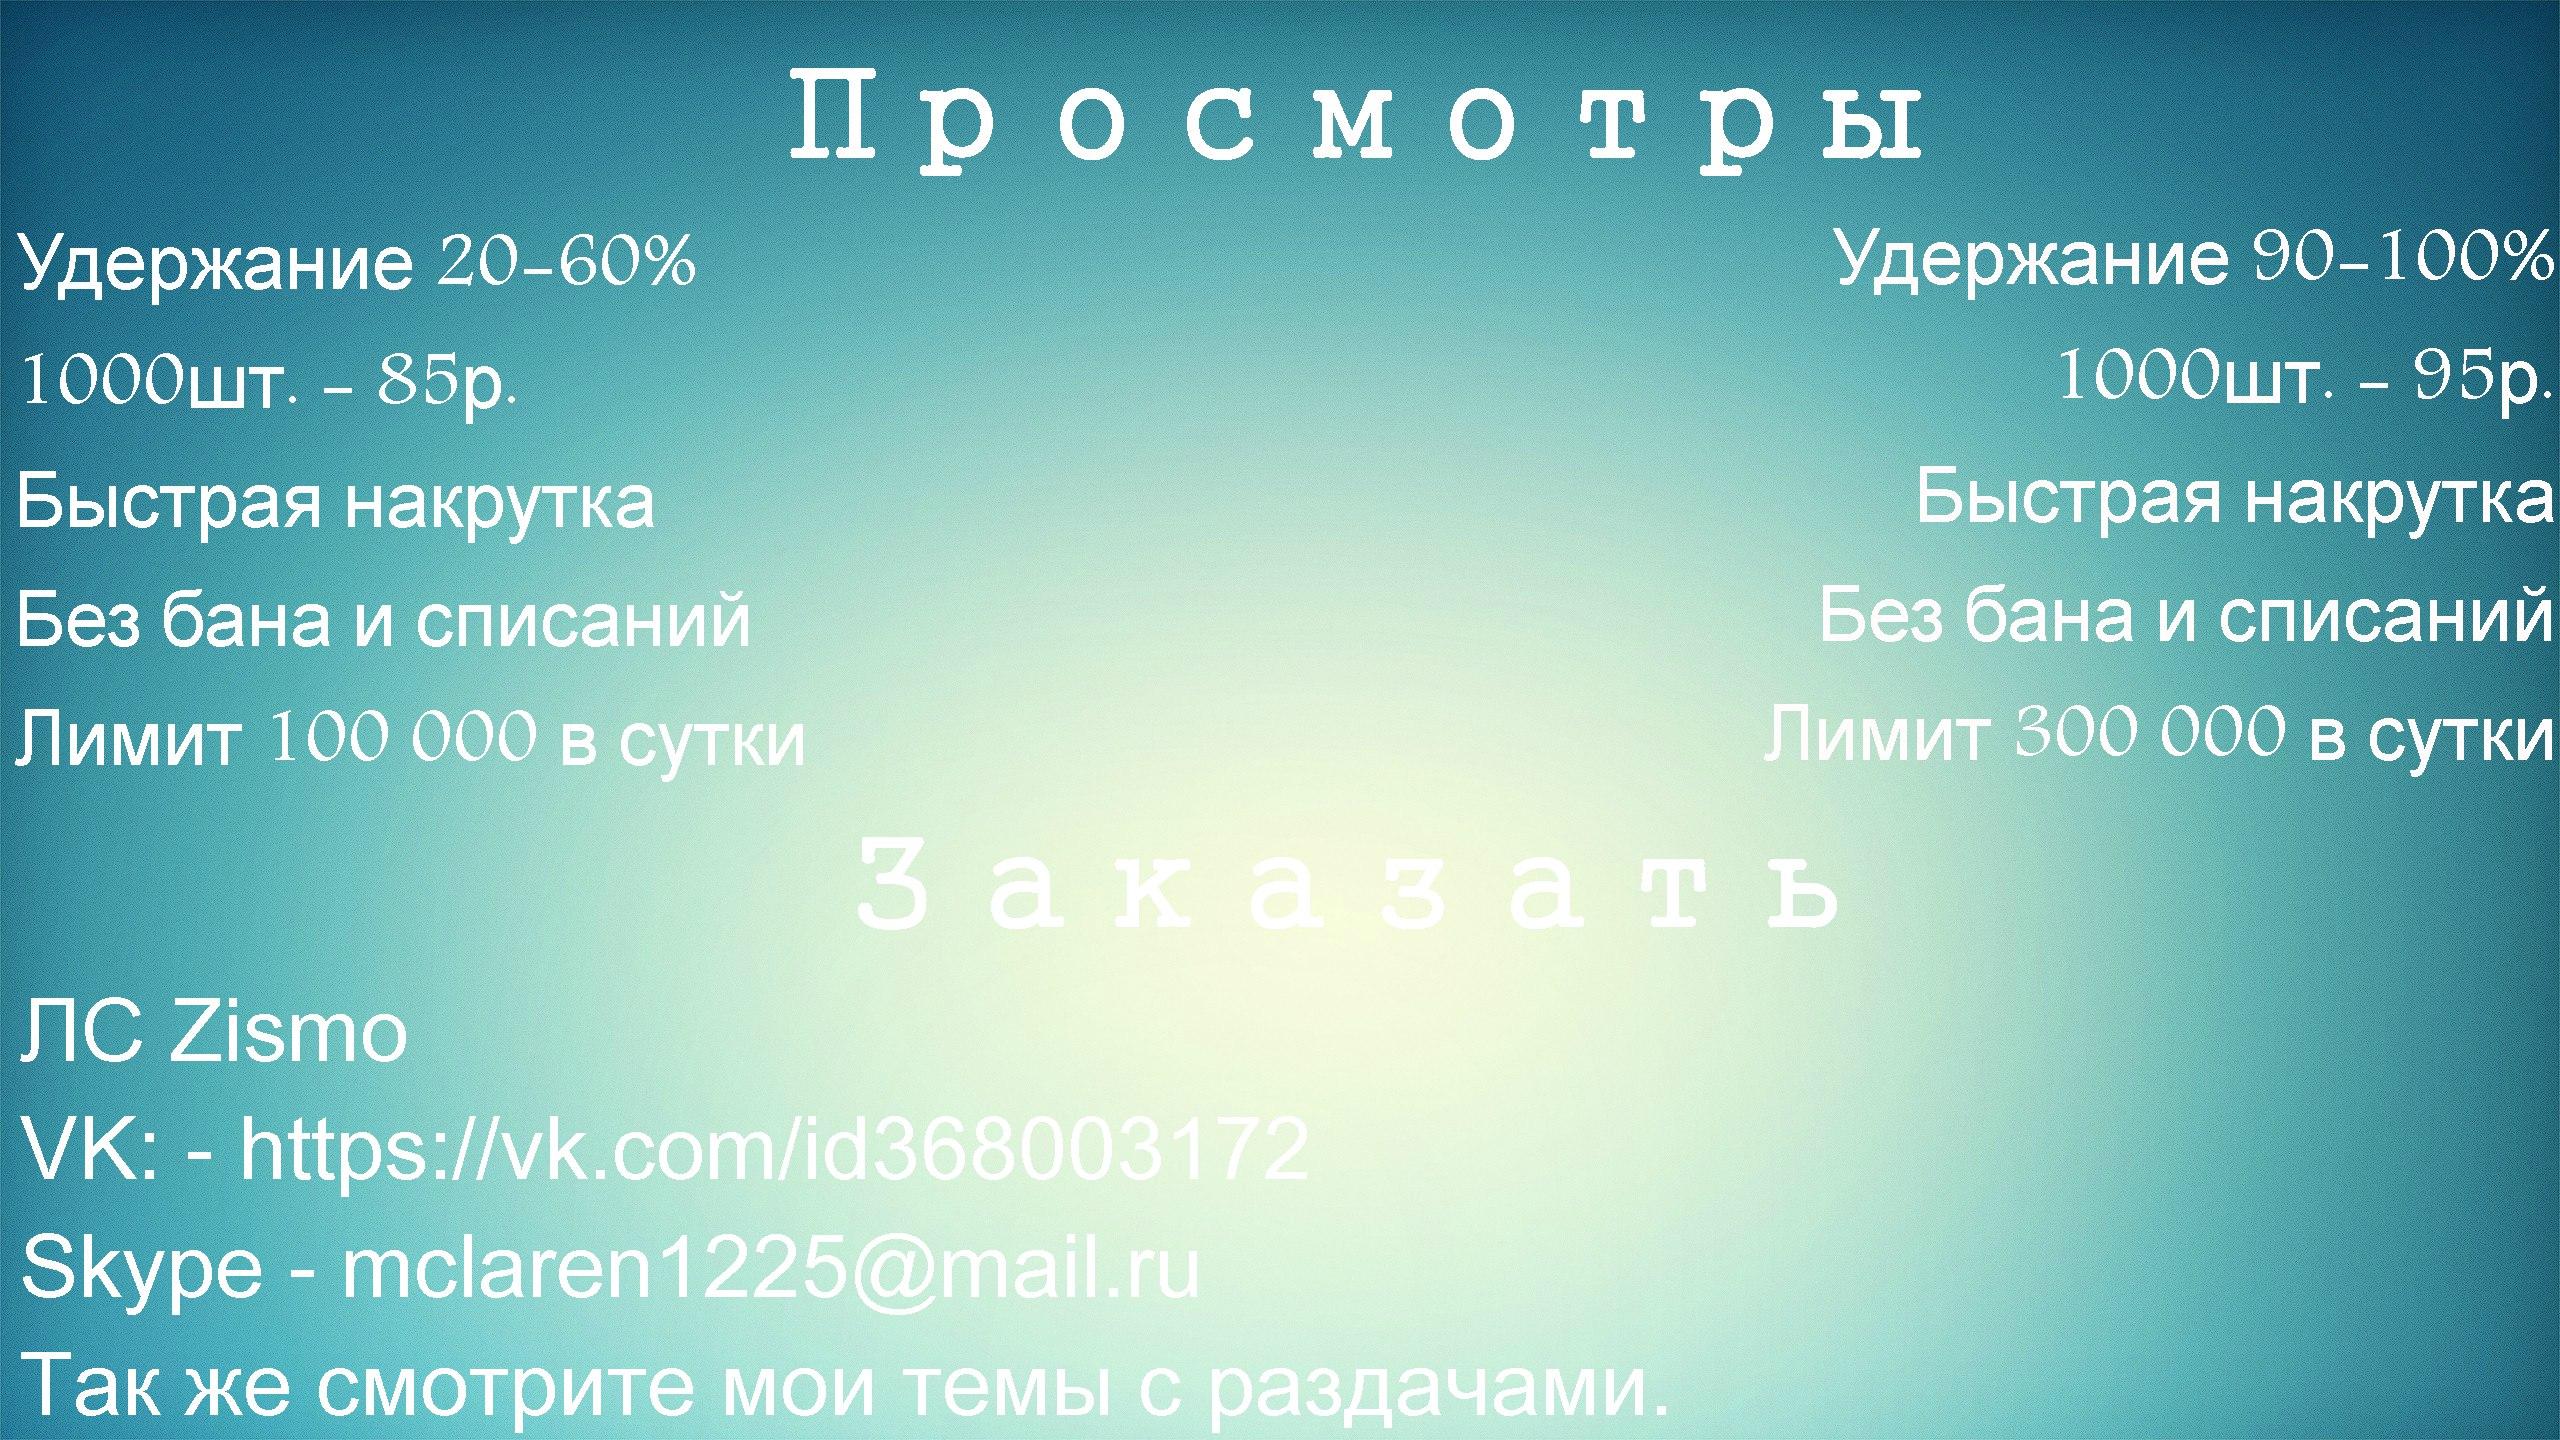 UCUdfYvIrA8.jpg